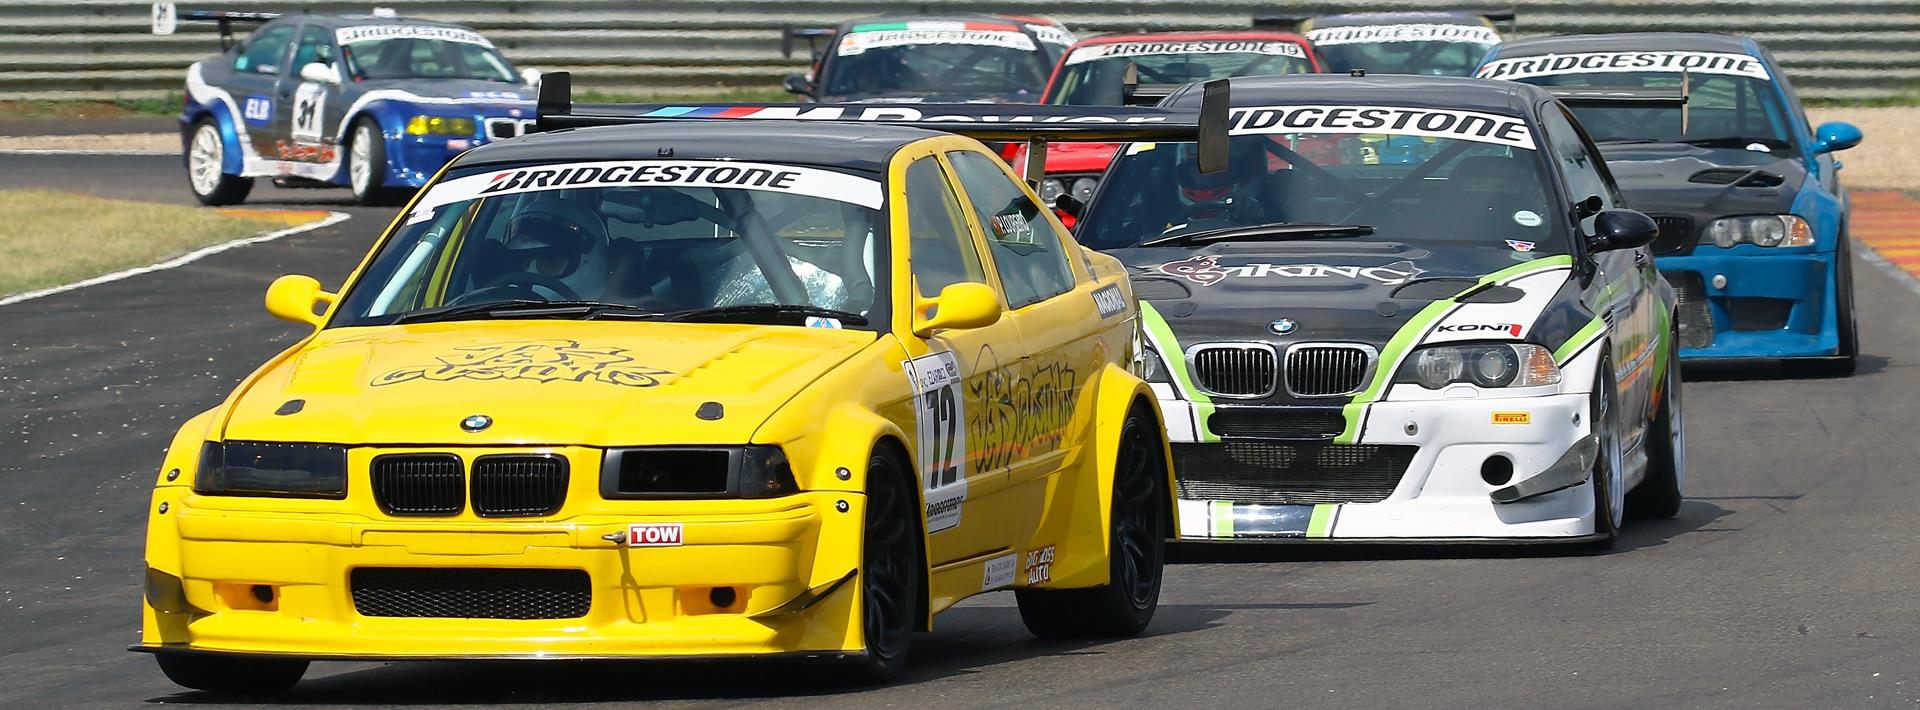 Inland Championship - Round 6 - 29 July 2017 - Zwartkops Raceway - Preview